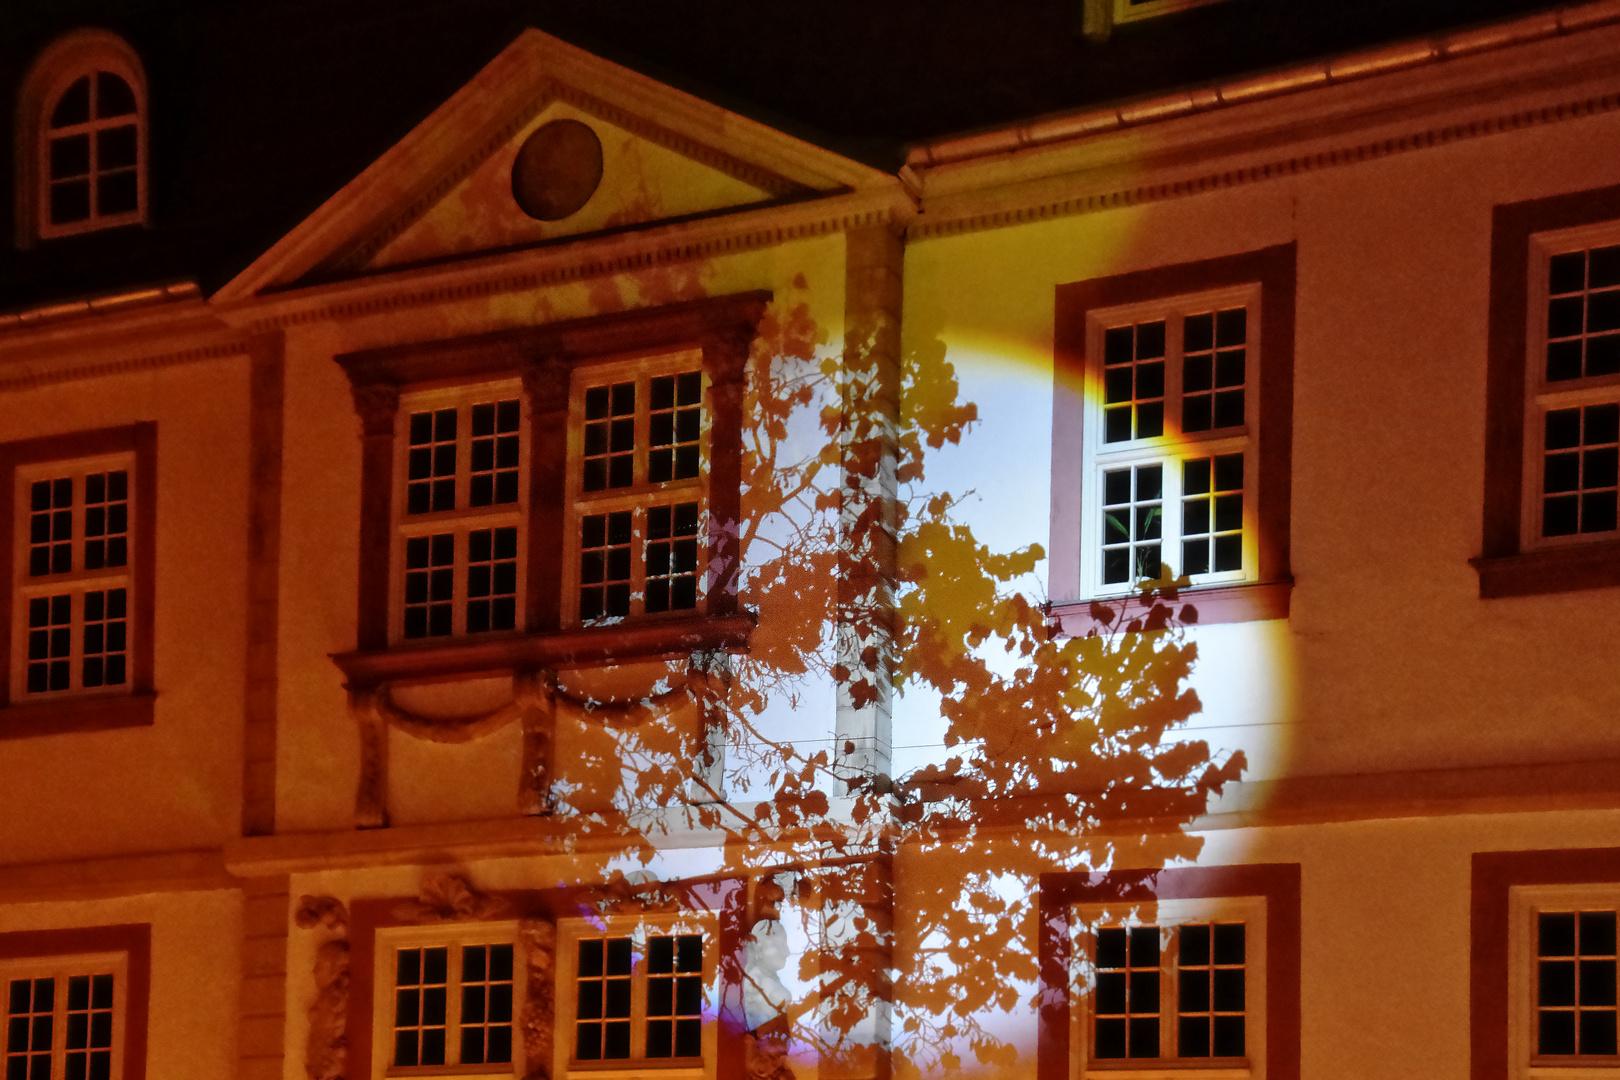 Lichtspiel In Heilbad Heiligenstadt